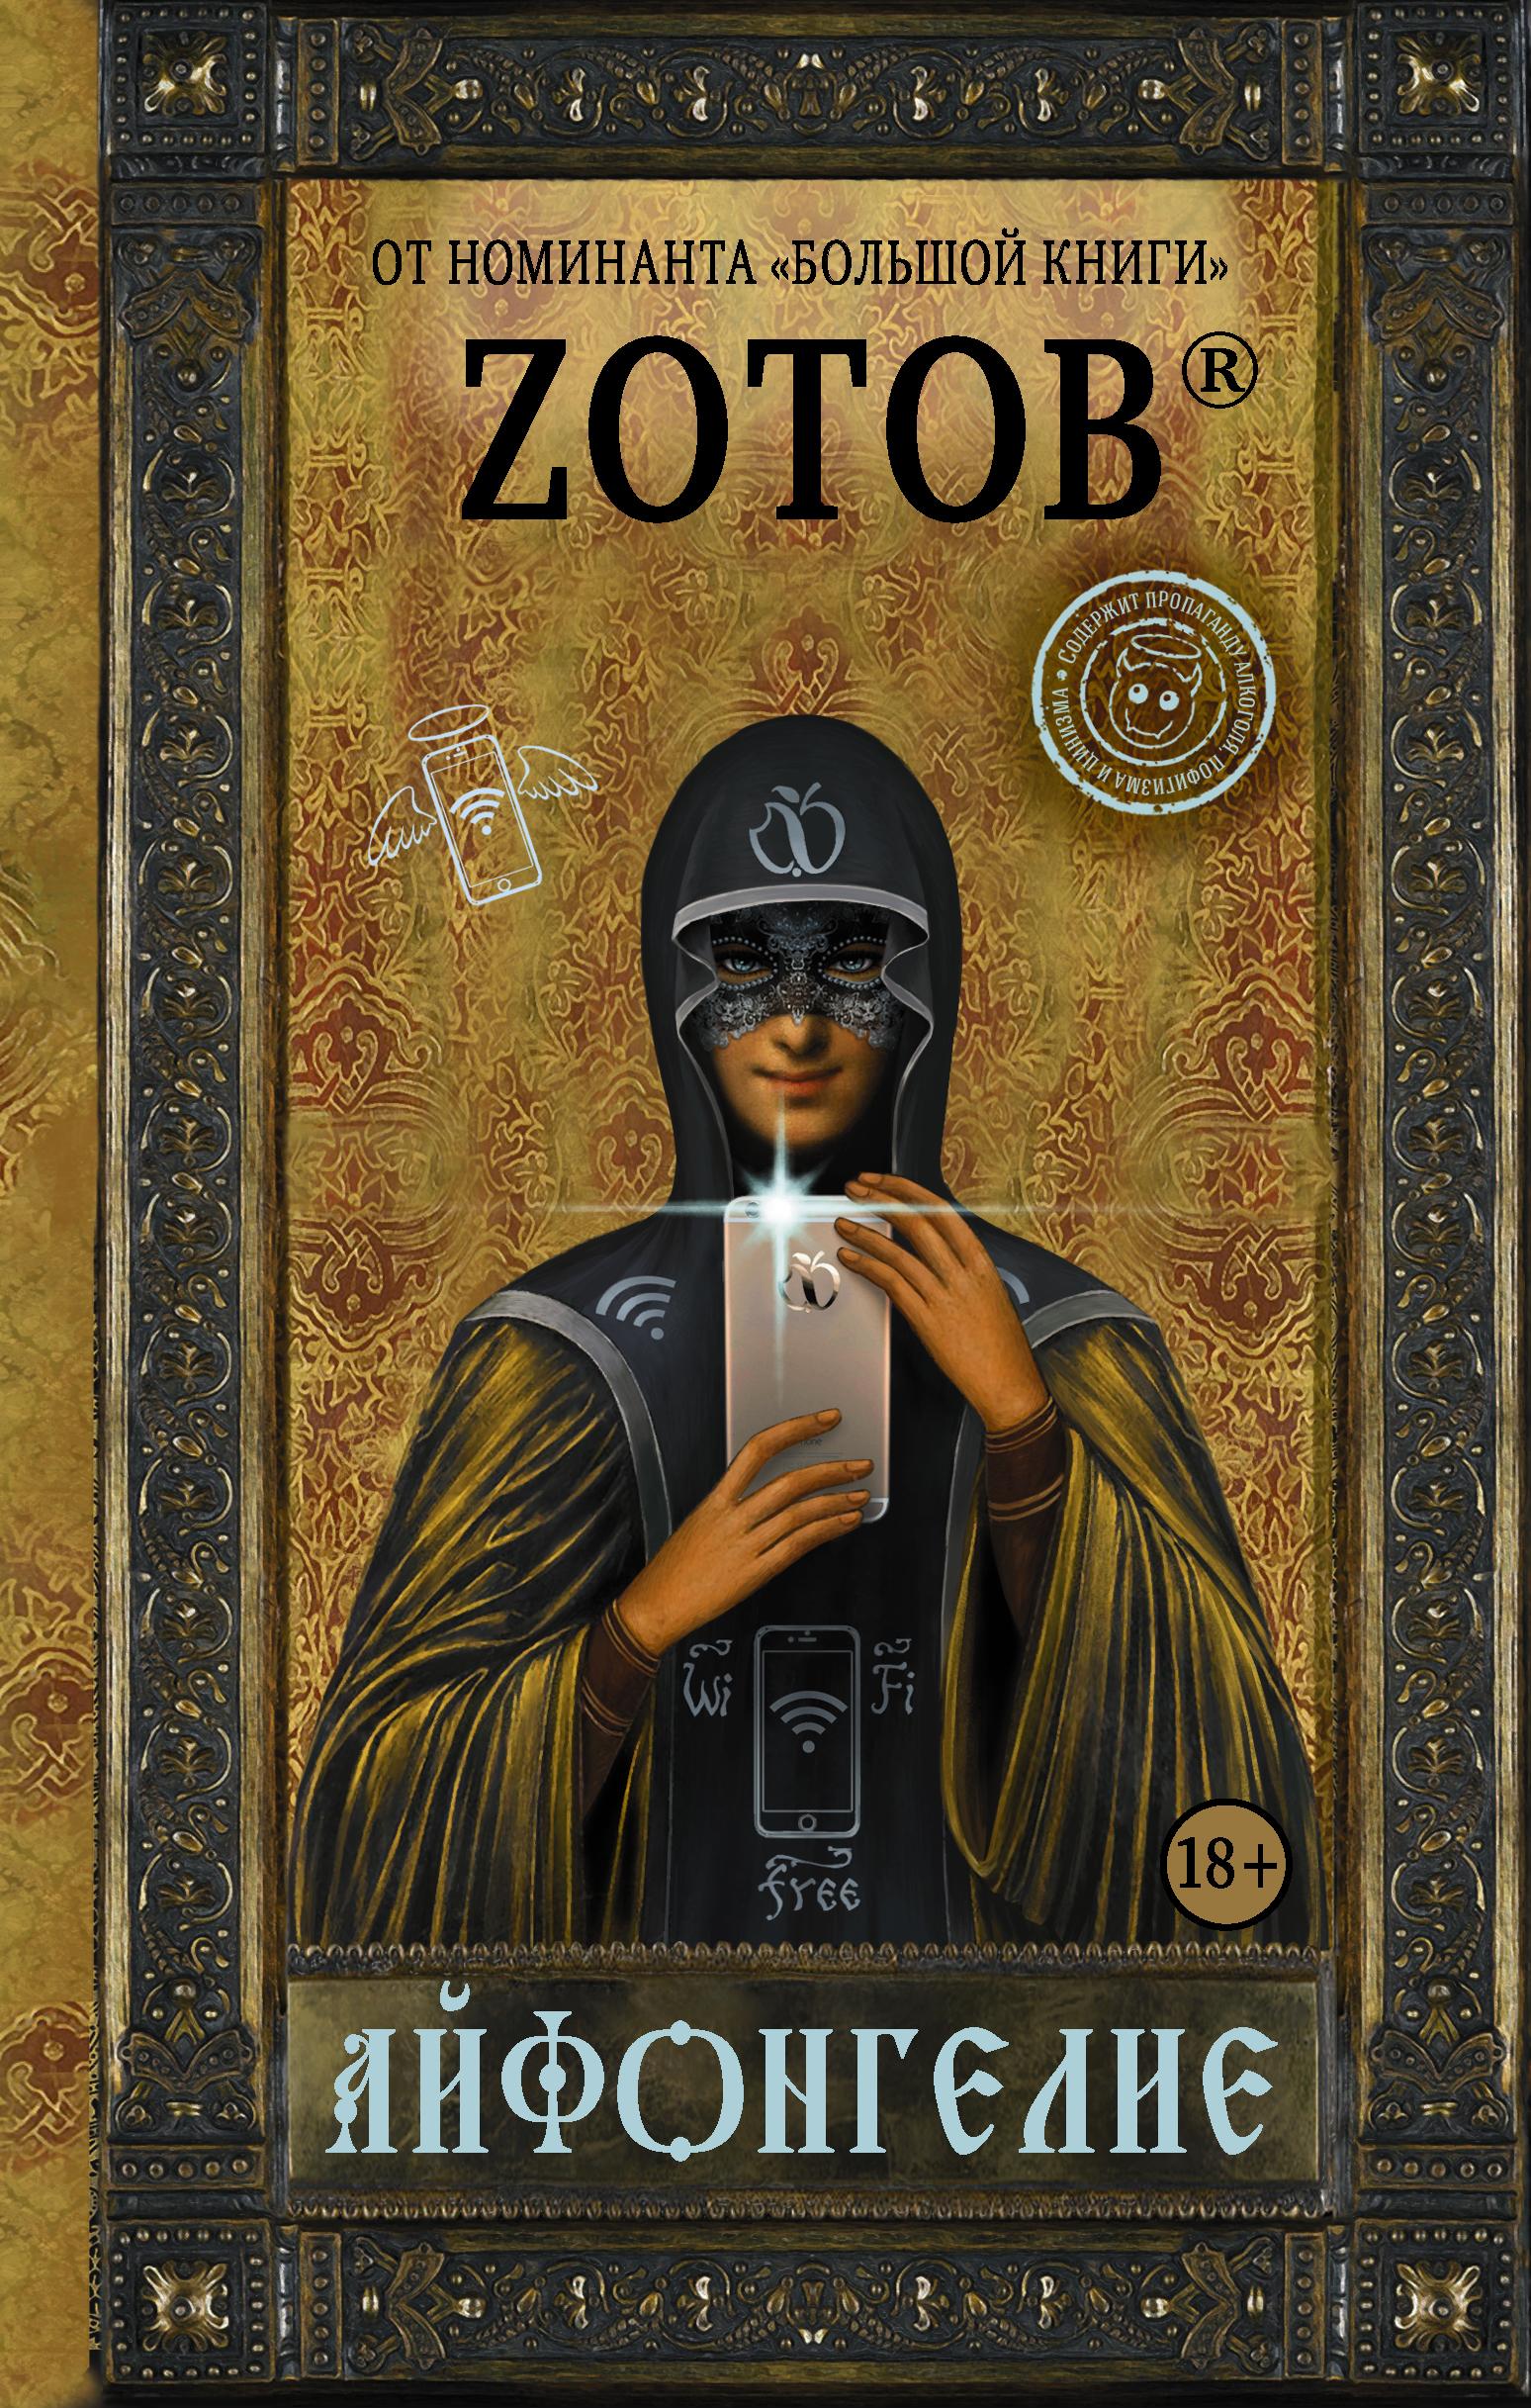 Зотов (Zотов) Г.А. Айфонгелие а что же случится со мной